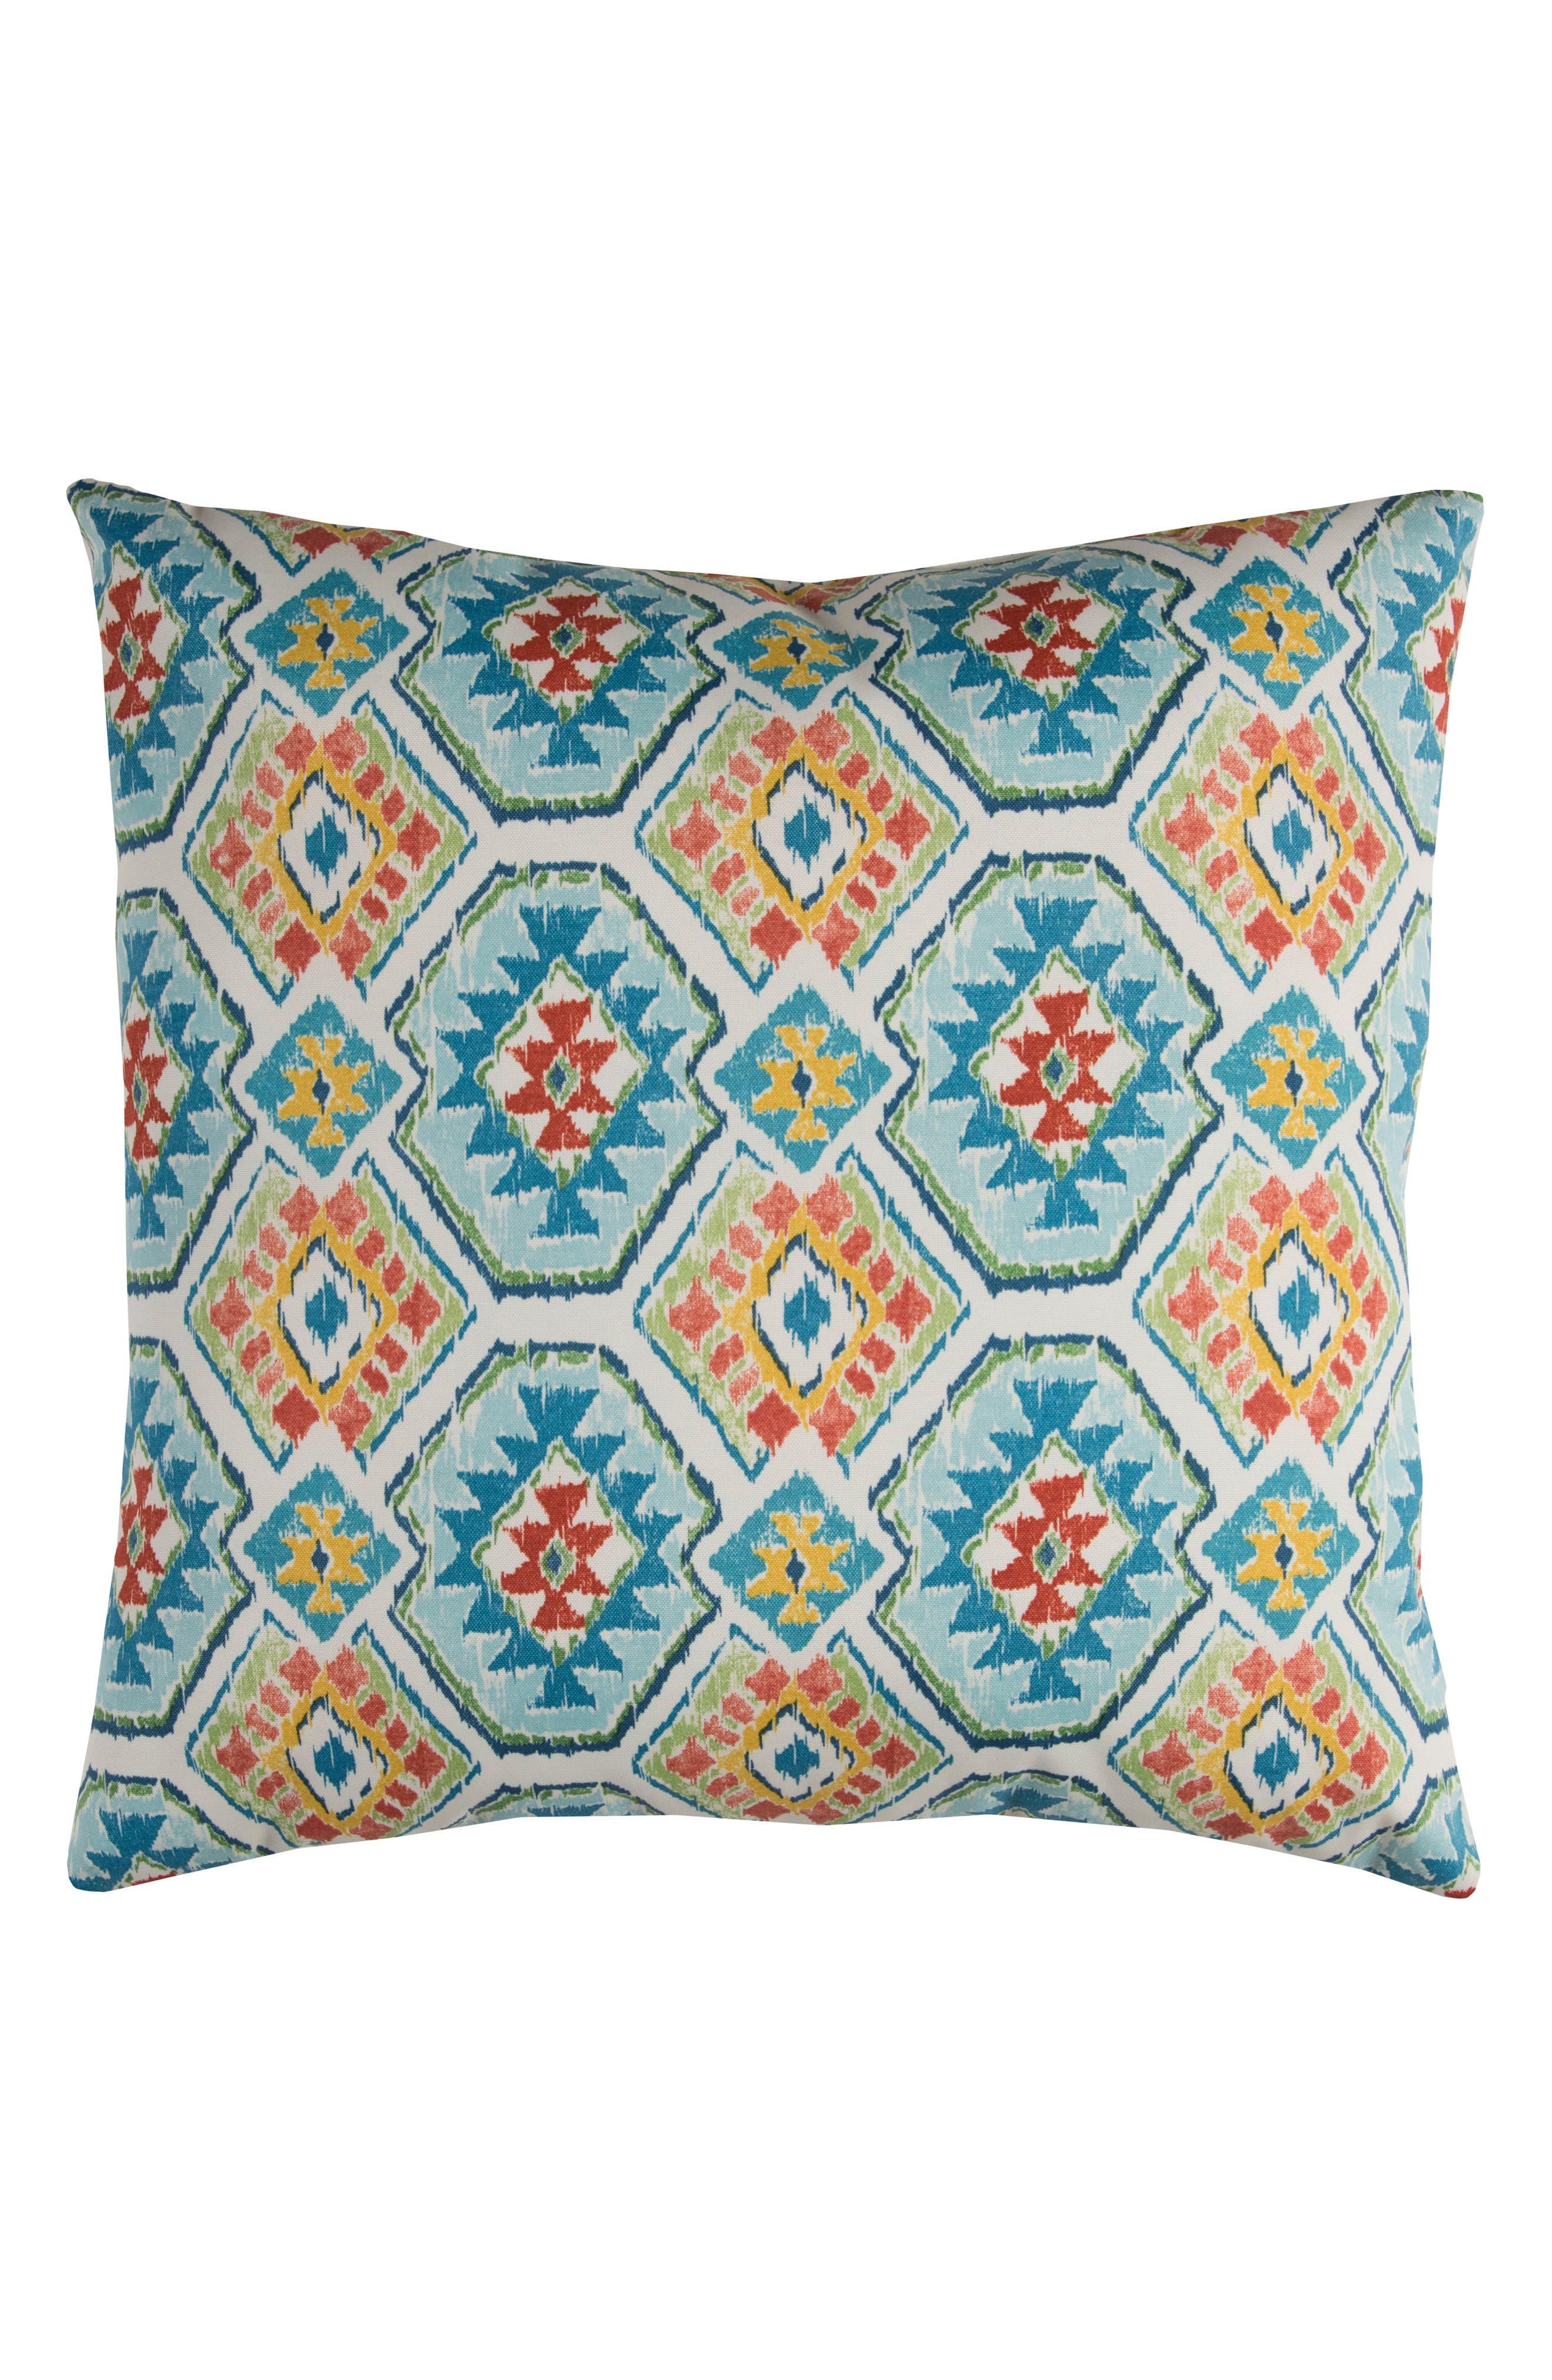 Chevron Outdoor Pillow,                             Main thumbnail 5, color,